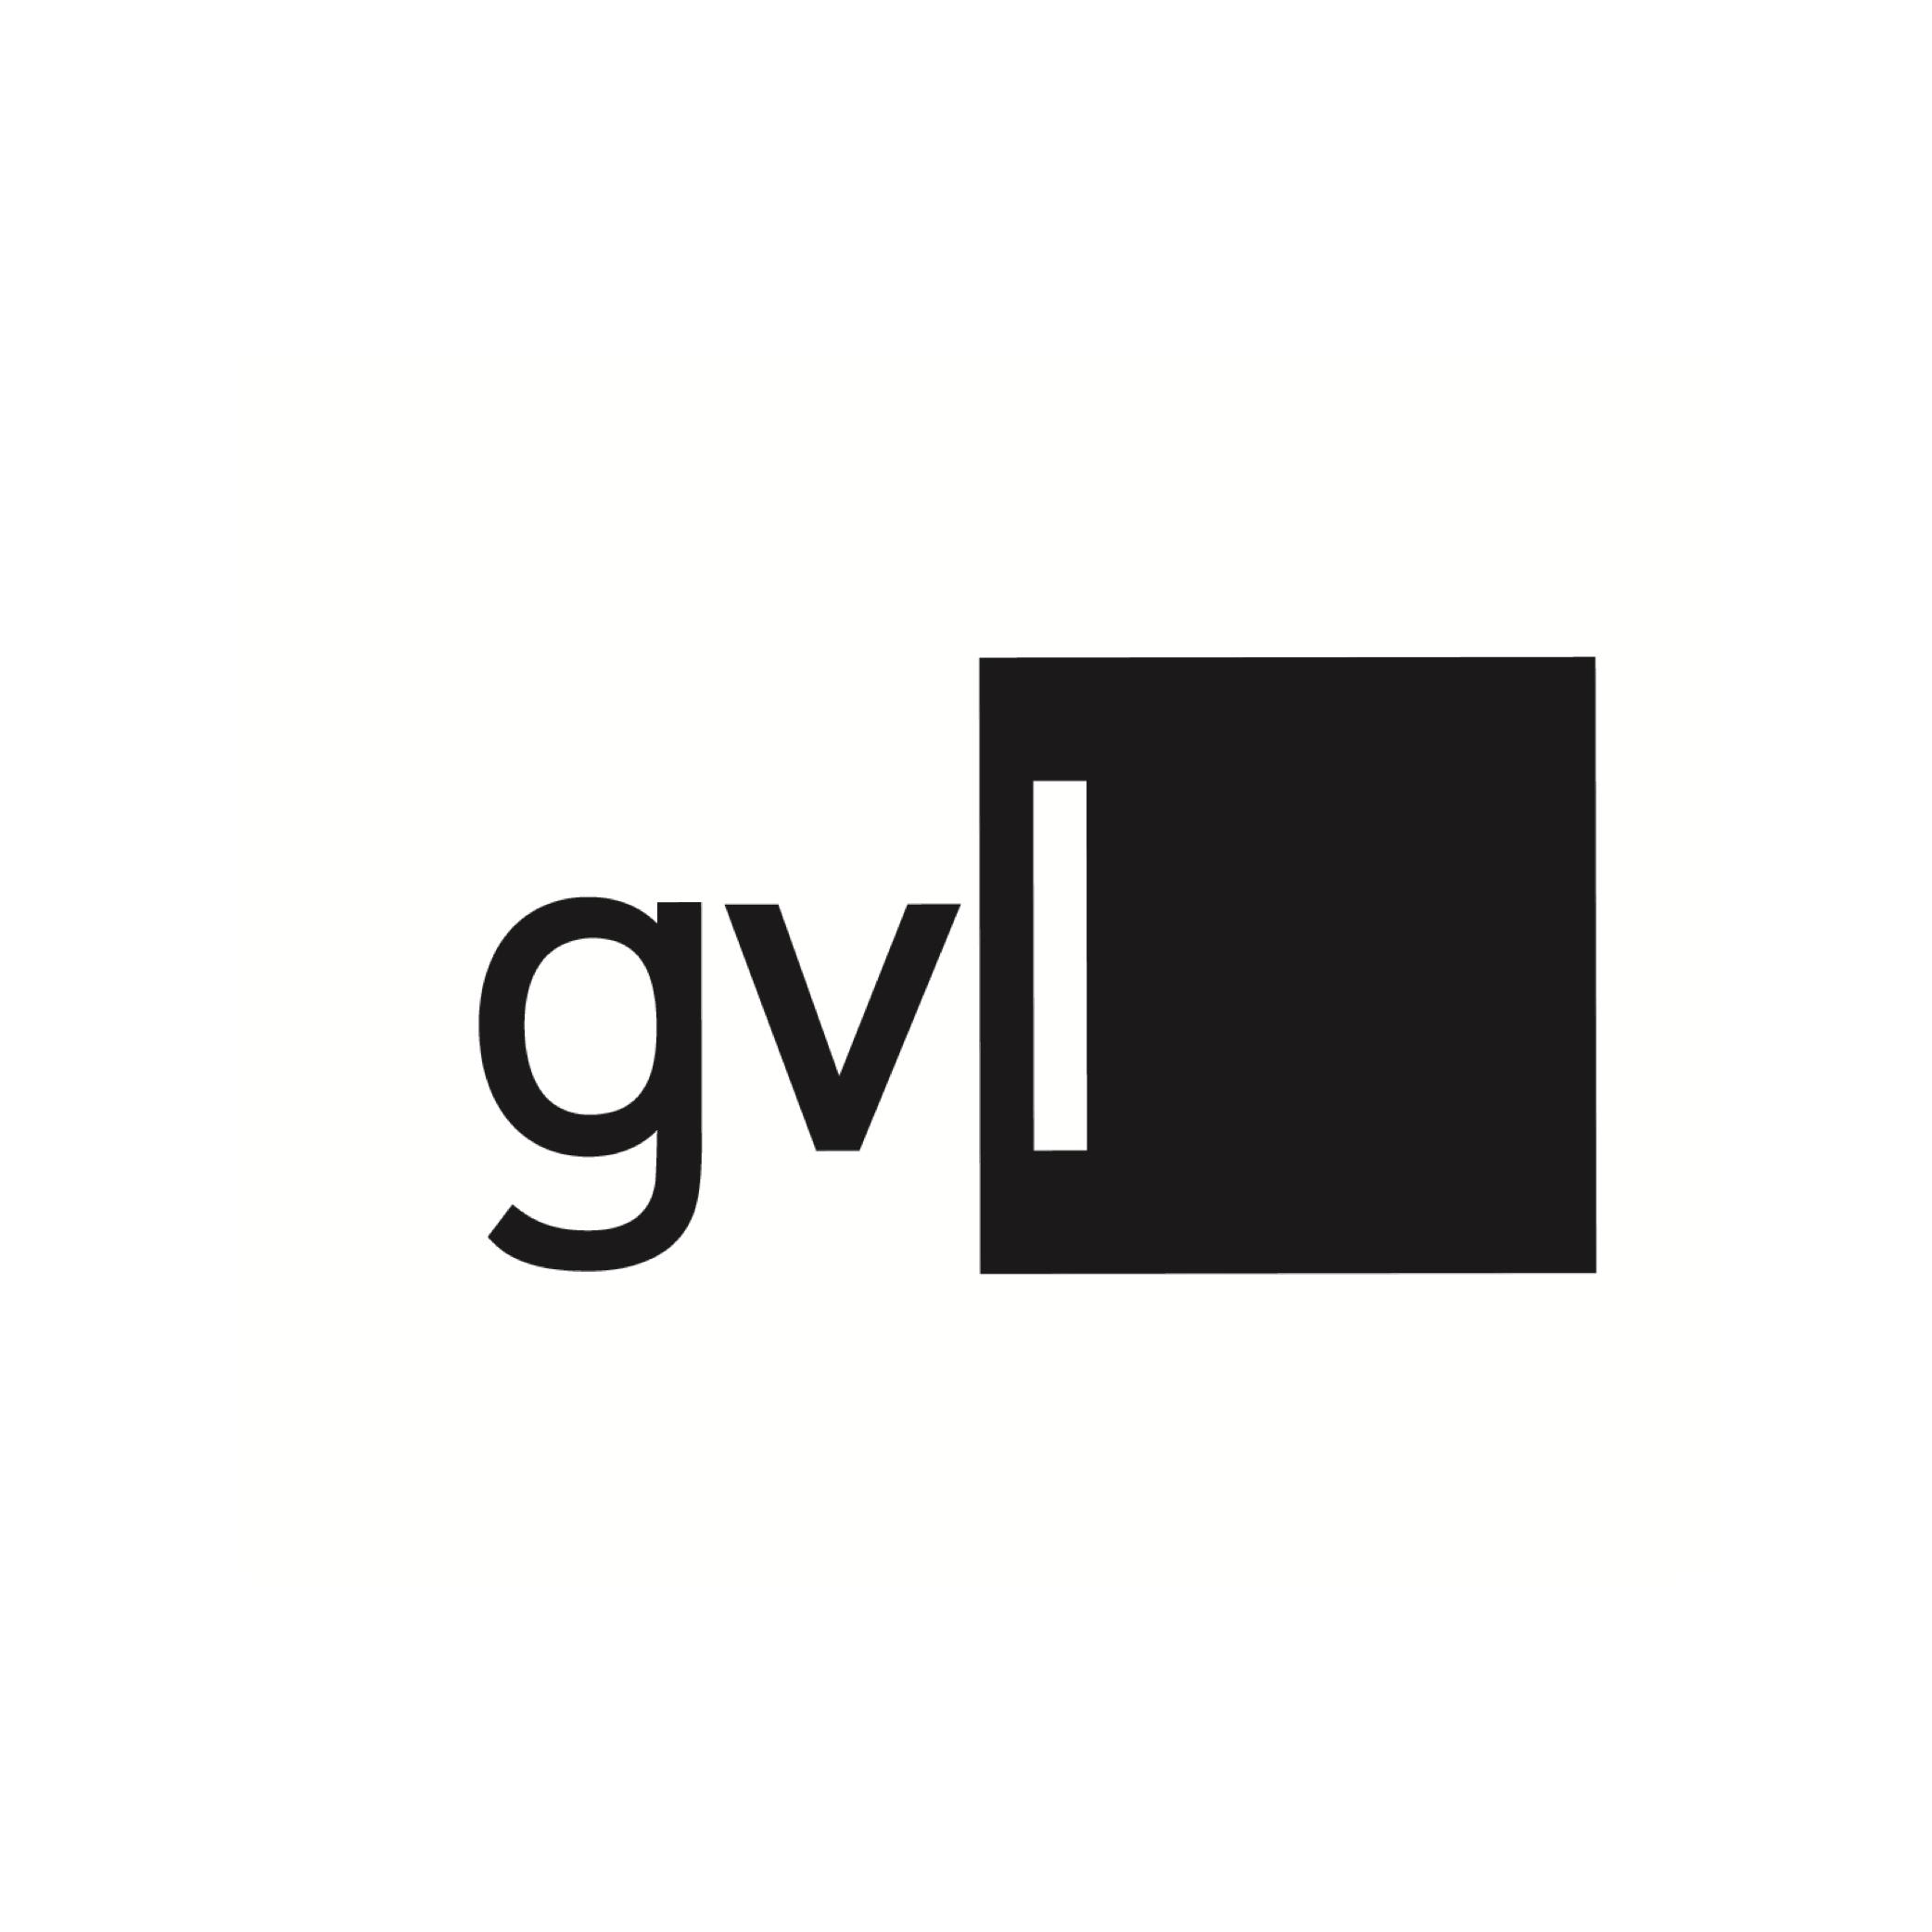 GVL_logo.png